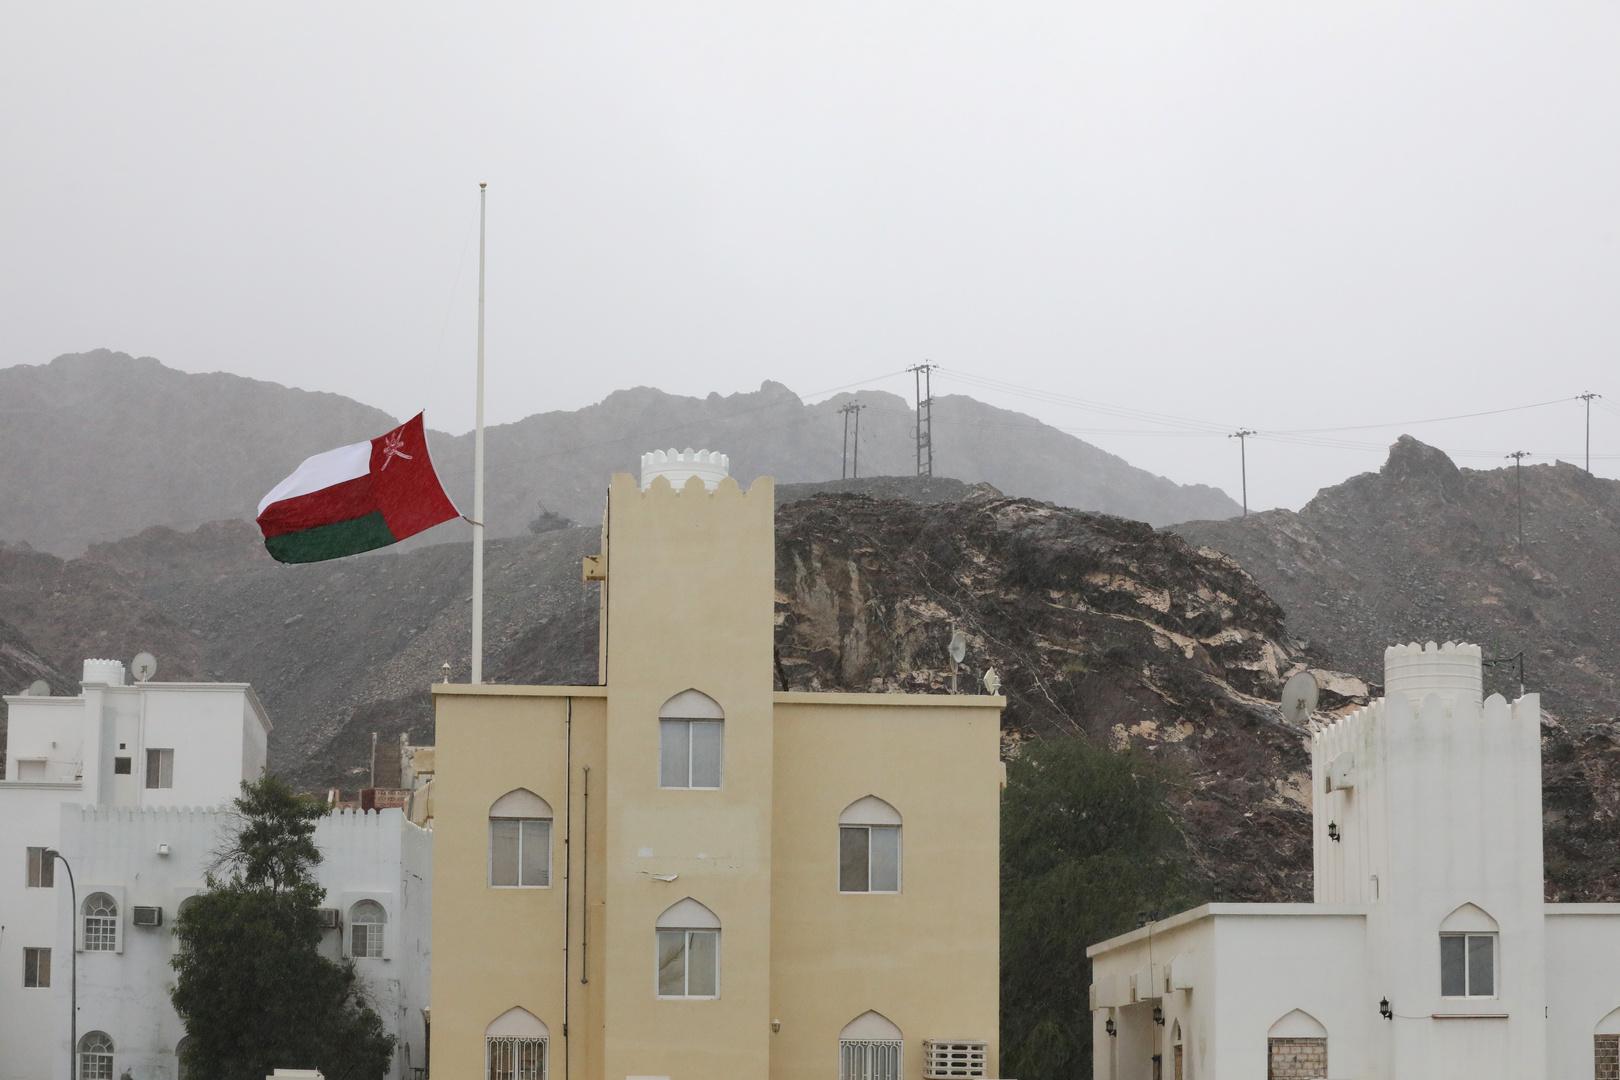 سلطنة عمان تلغي صلاة عيد الأضحى بسبب جائحة كورونا